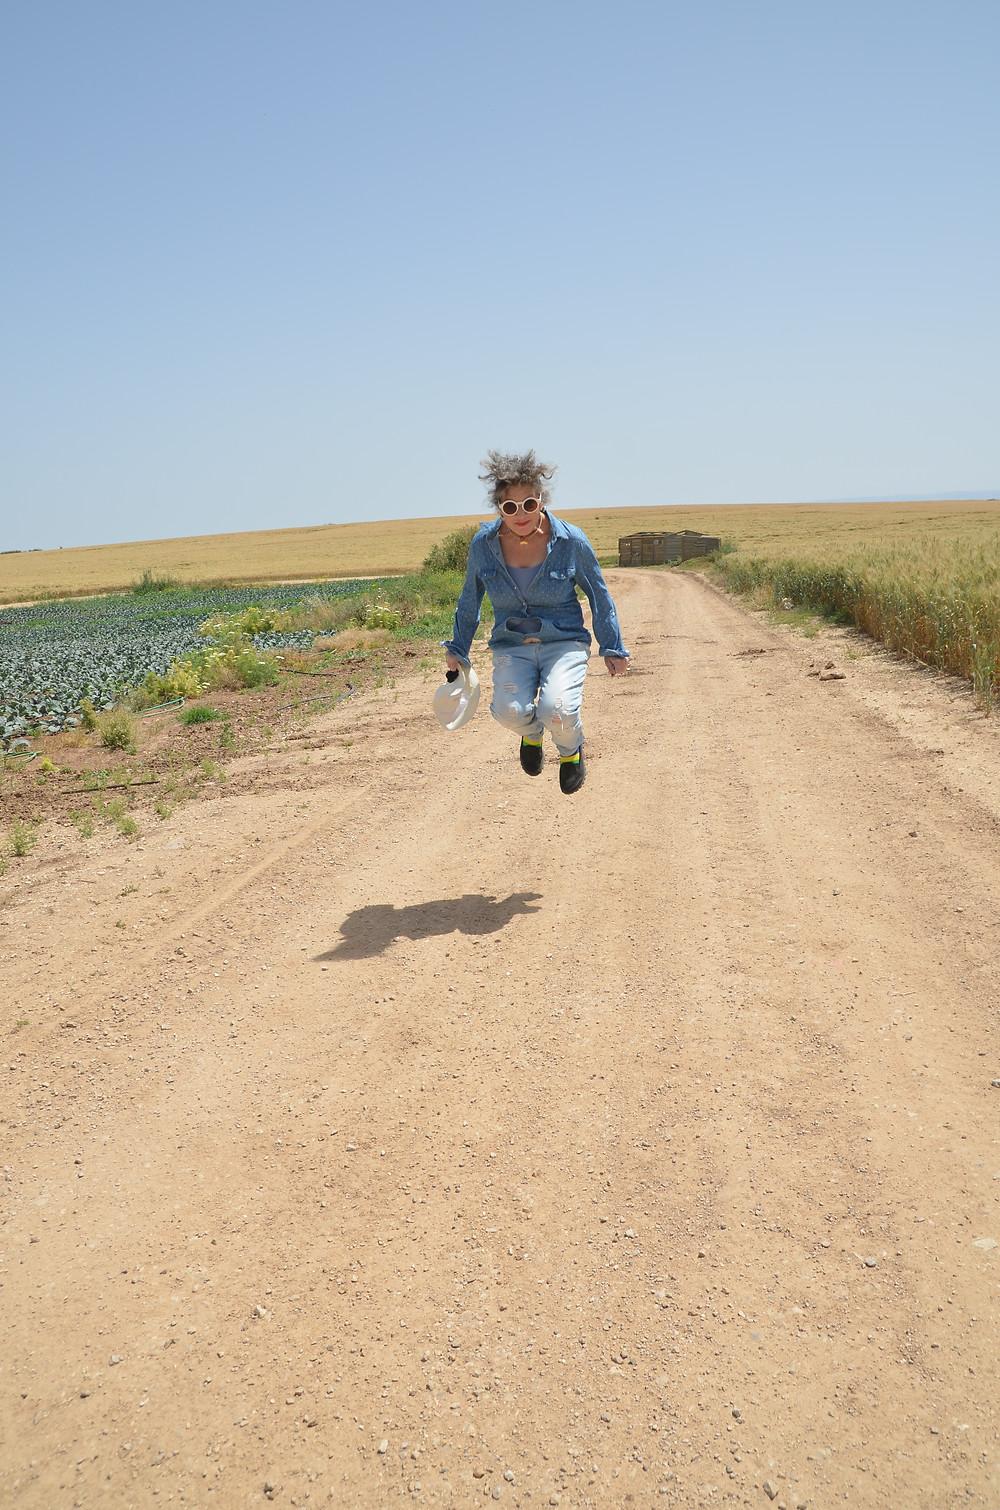 אירית קופצת באויר צילום מאירה גוראי רז